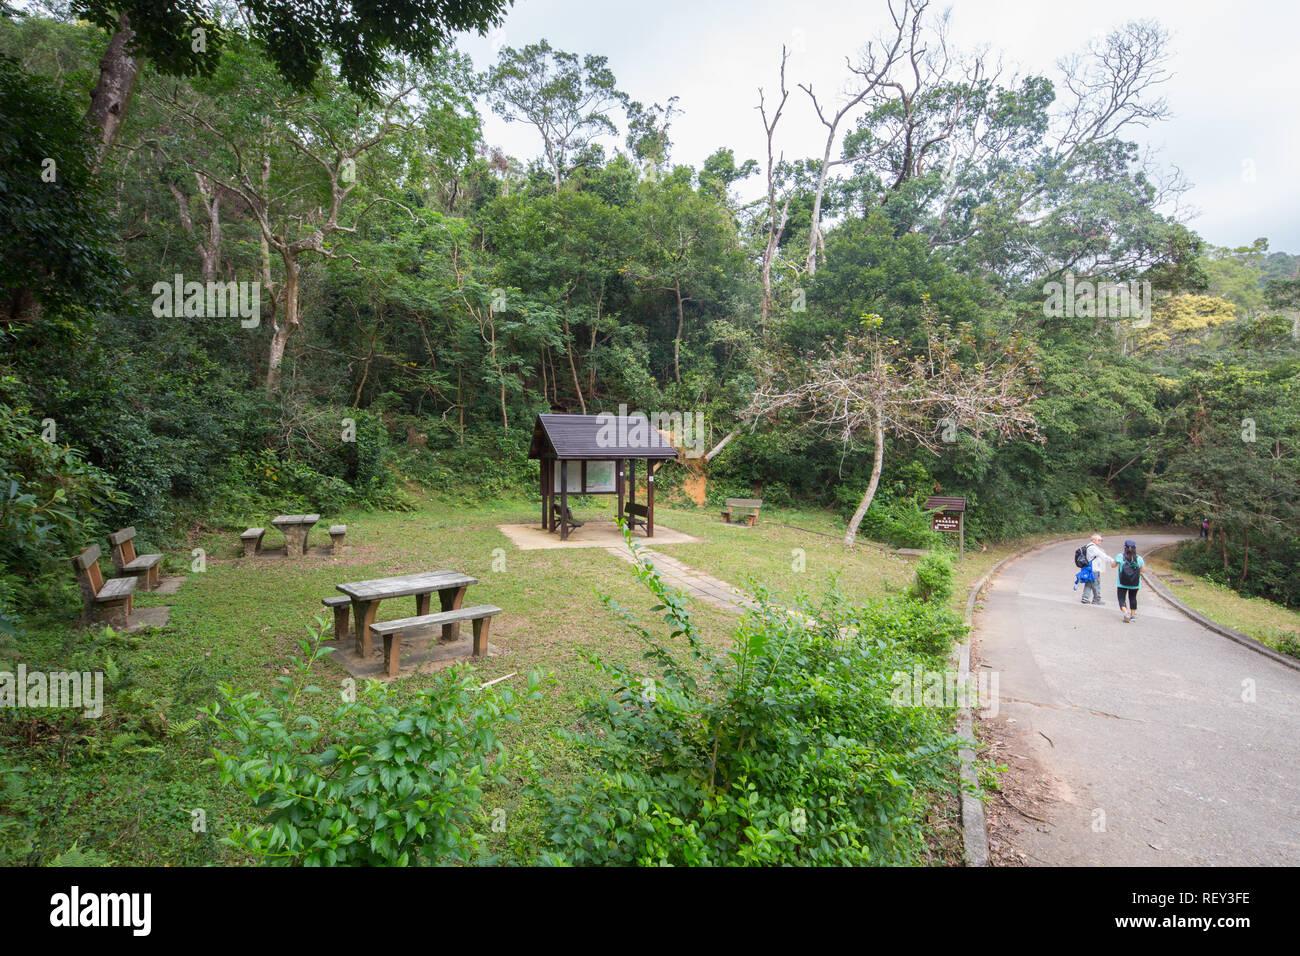 A pinic site at Shing Mun Country Park at Lo Wai, Hong Kong. - Stock Image